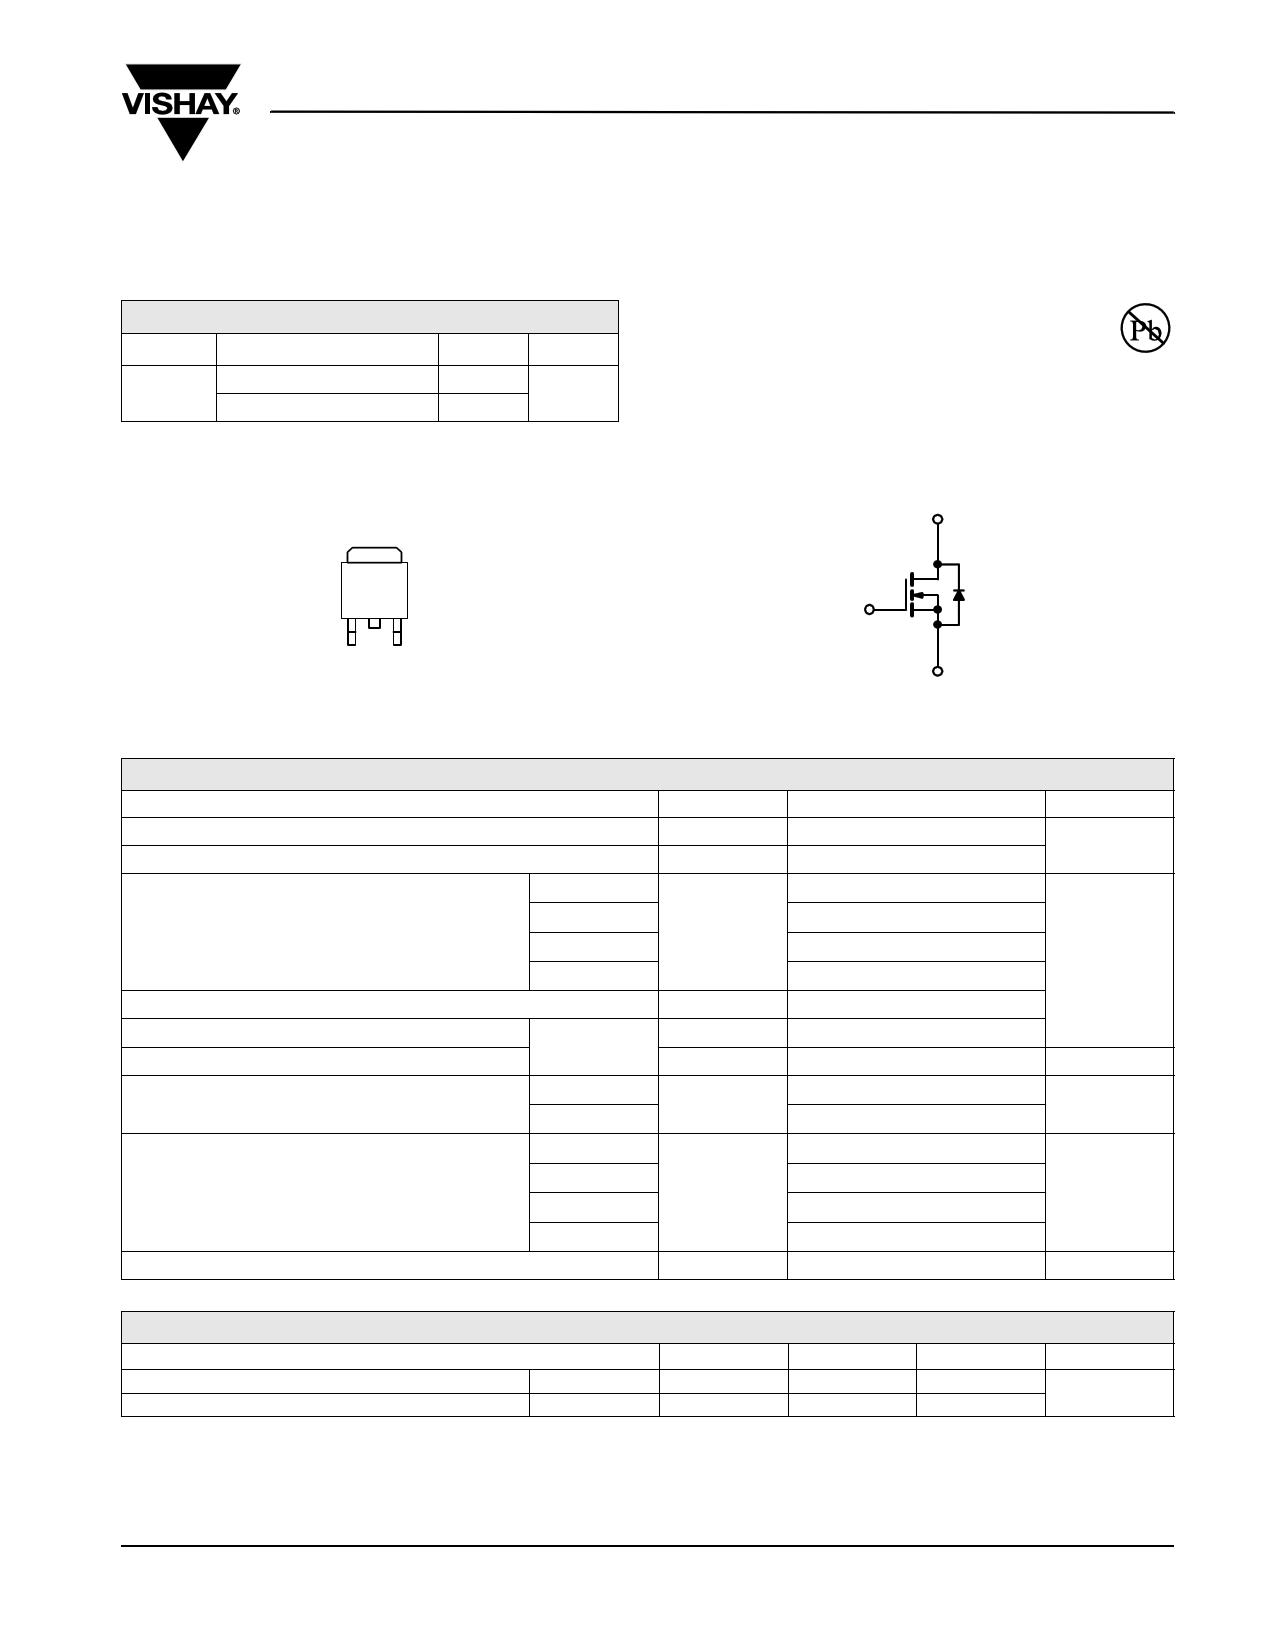 SUM110N04-2m1P datasheet, circuit